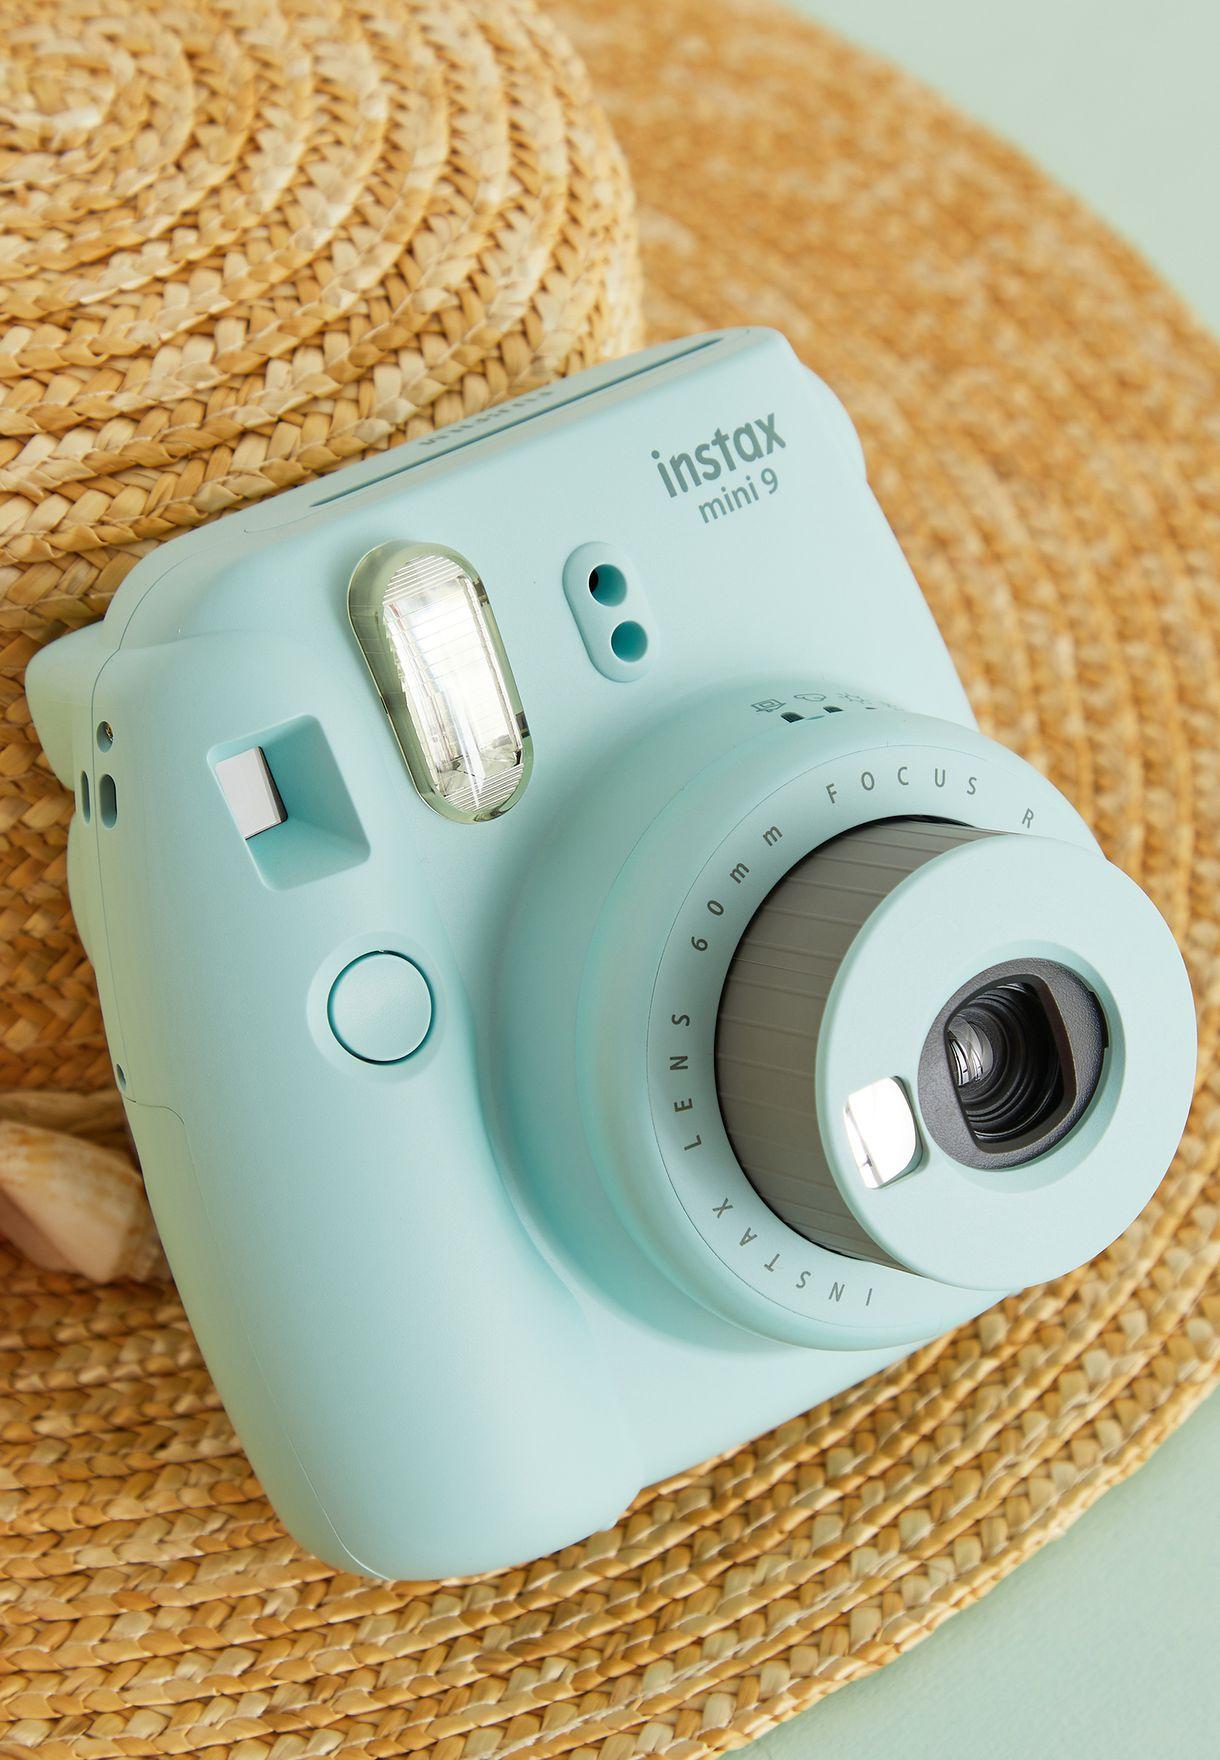 كاميرا انستاكس ميني 9